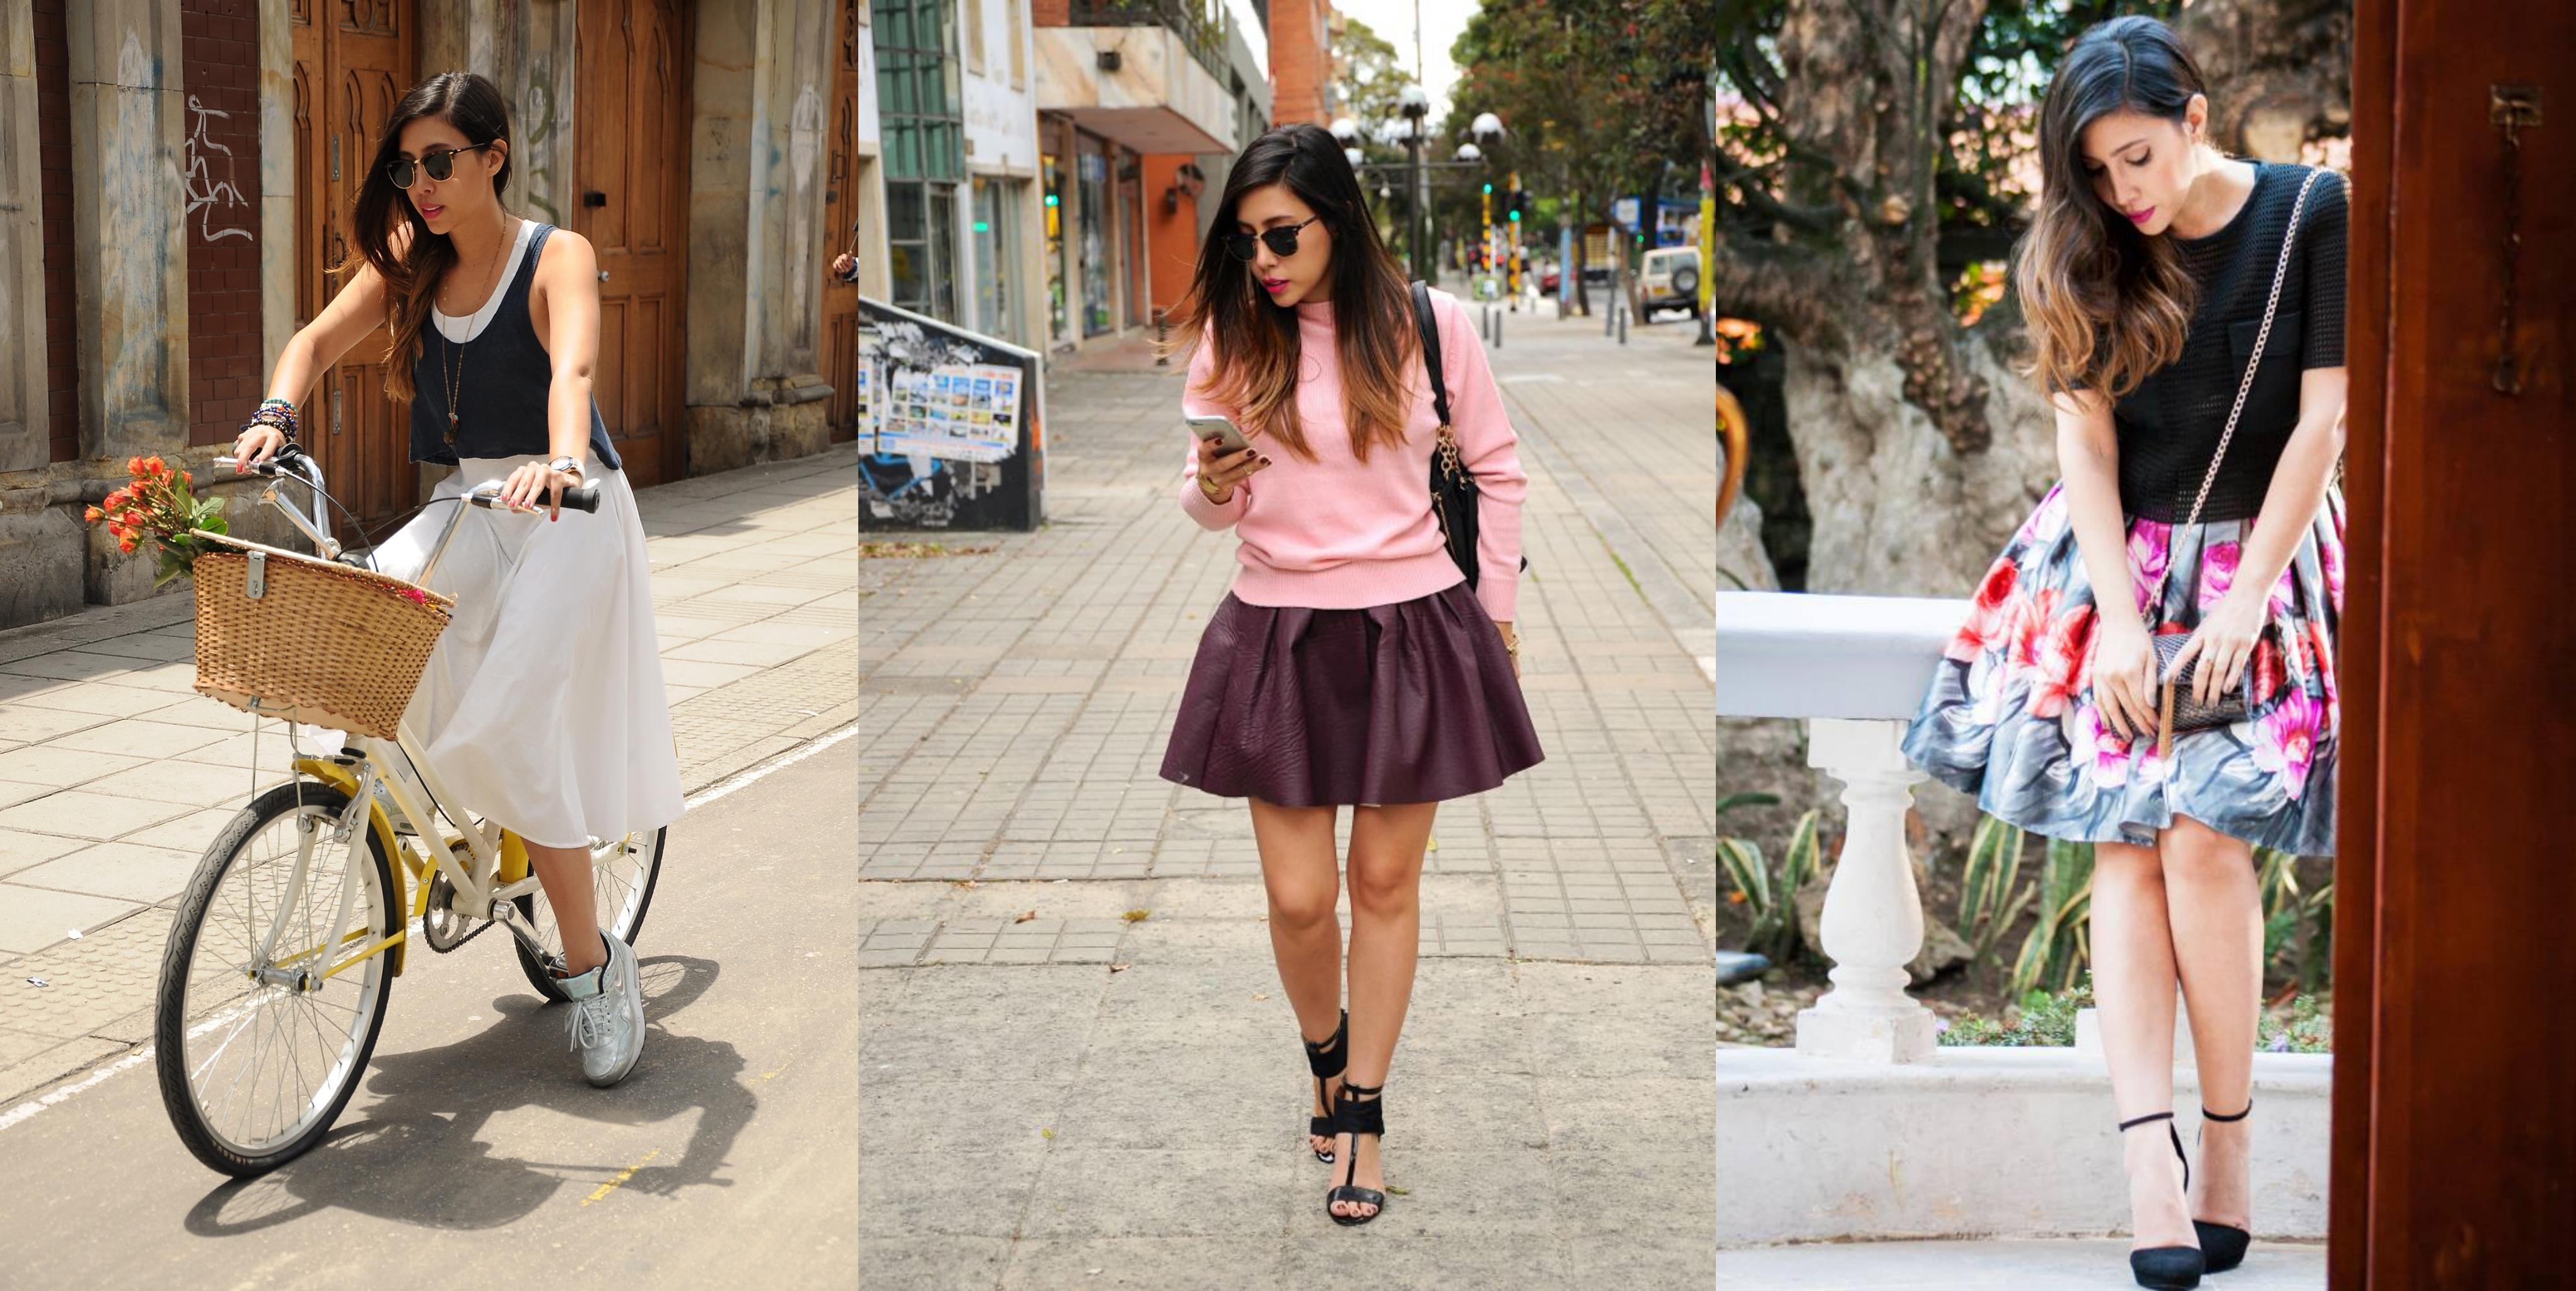 #Stylish ¿Cómo vestirse para un brunch con amigas?